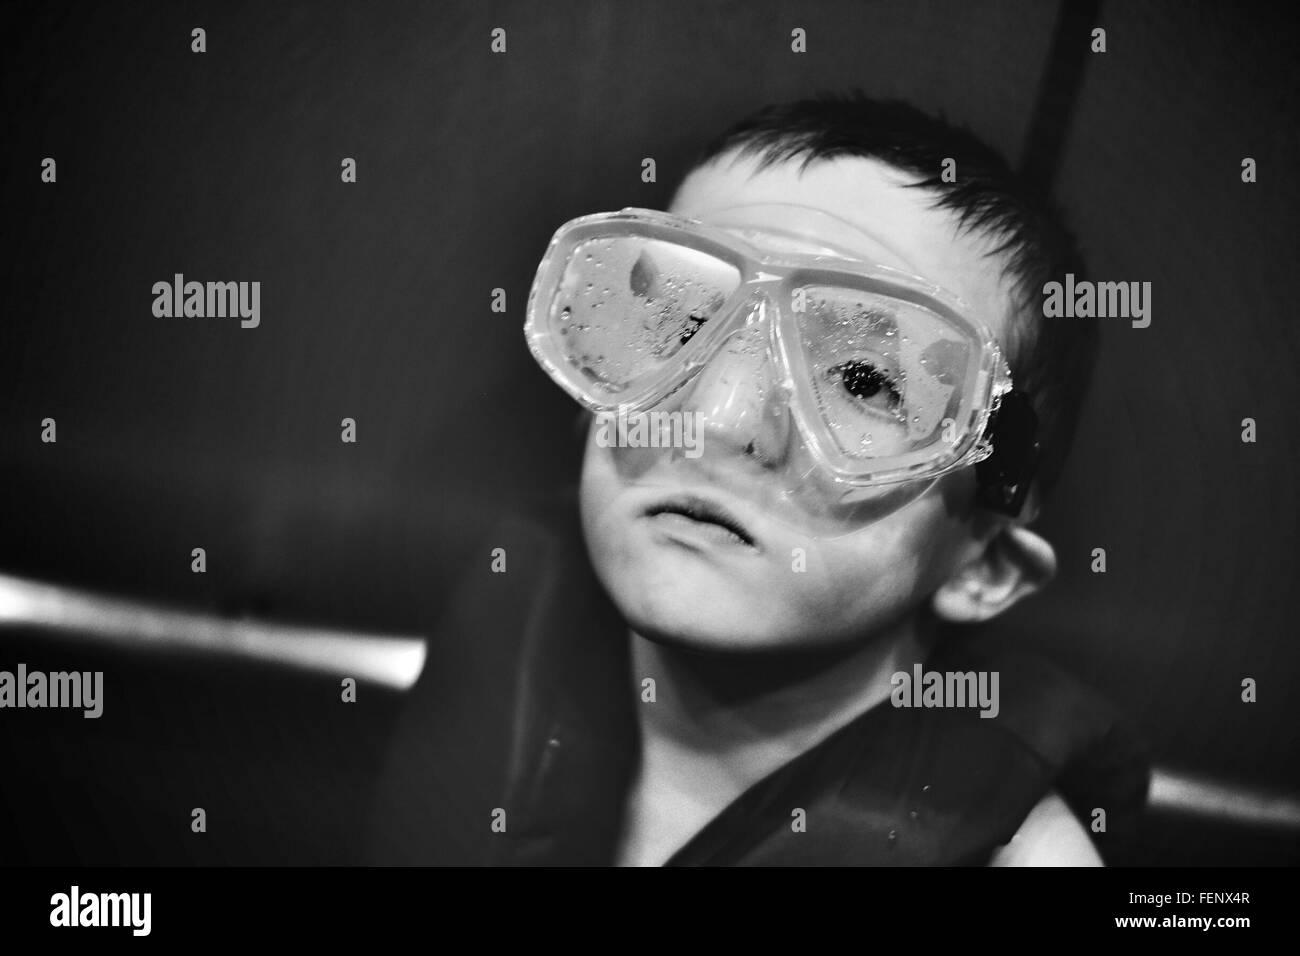 Primo piano del ragazzo con gli occhiali per nuoto Immagini Stock